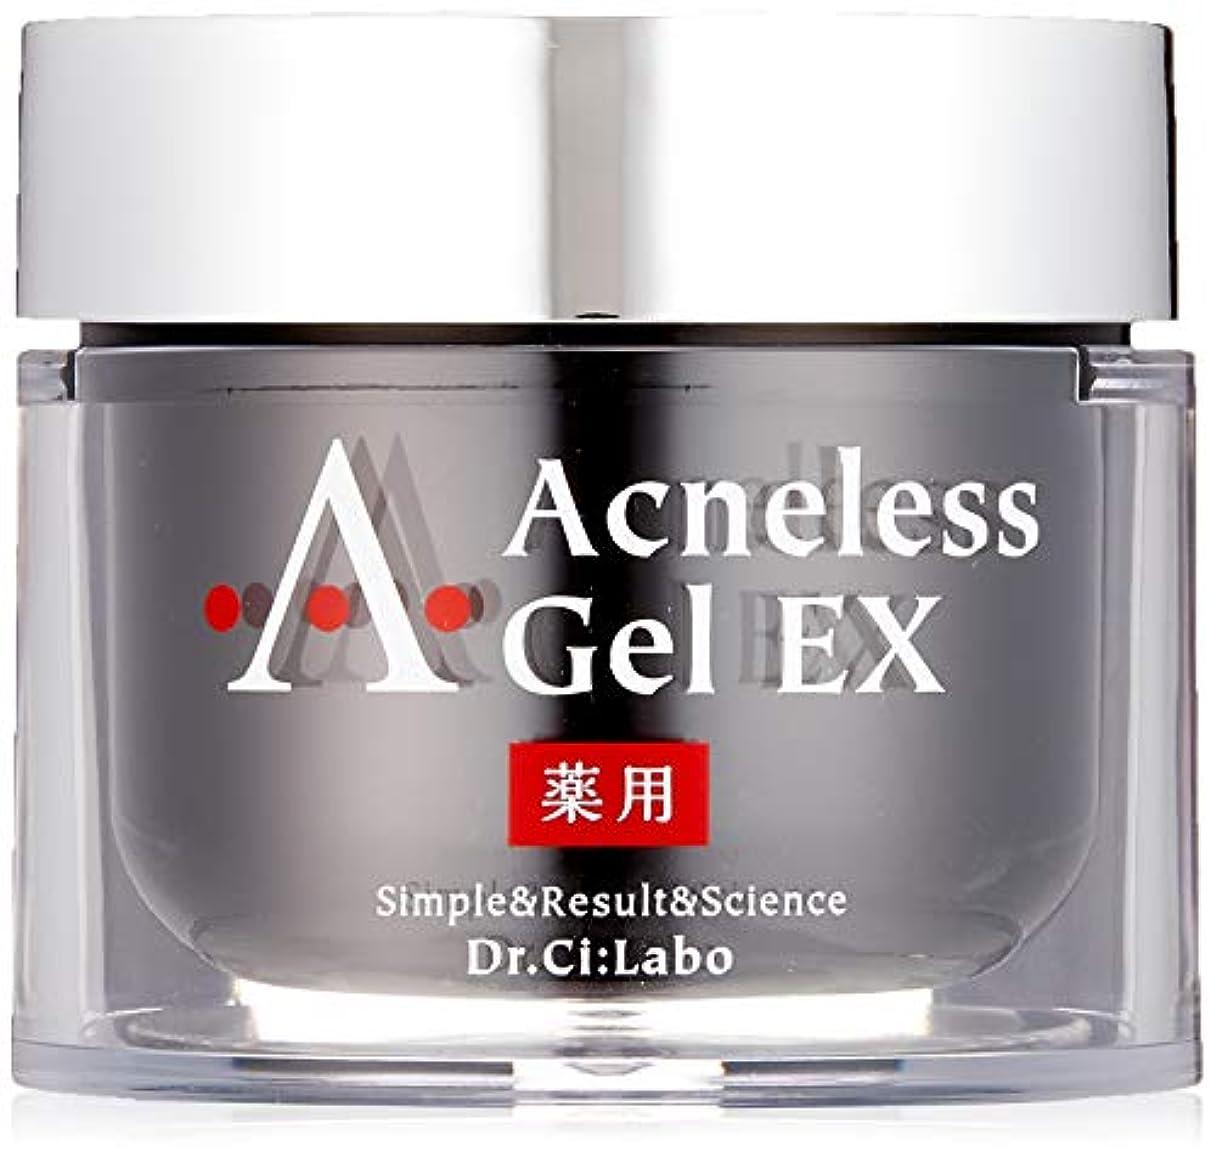 虫ガイドライン揺れる薬用アクネレスゲルEX80g